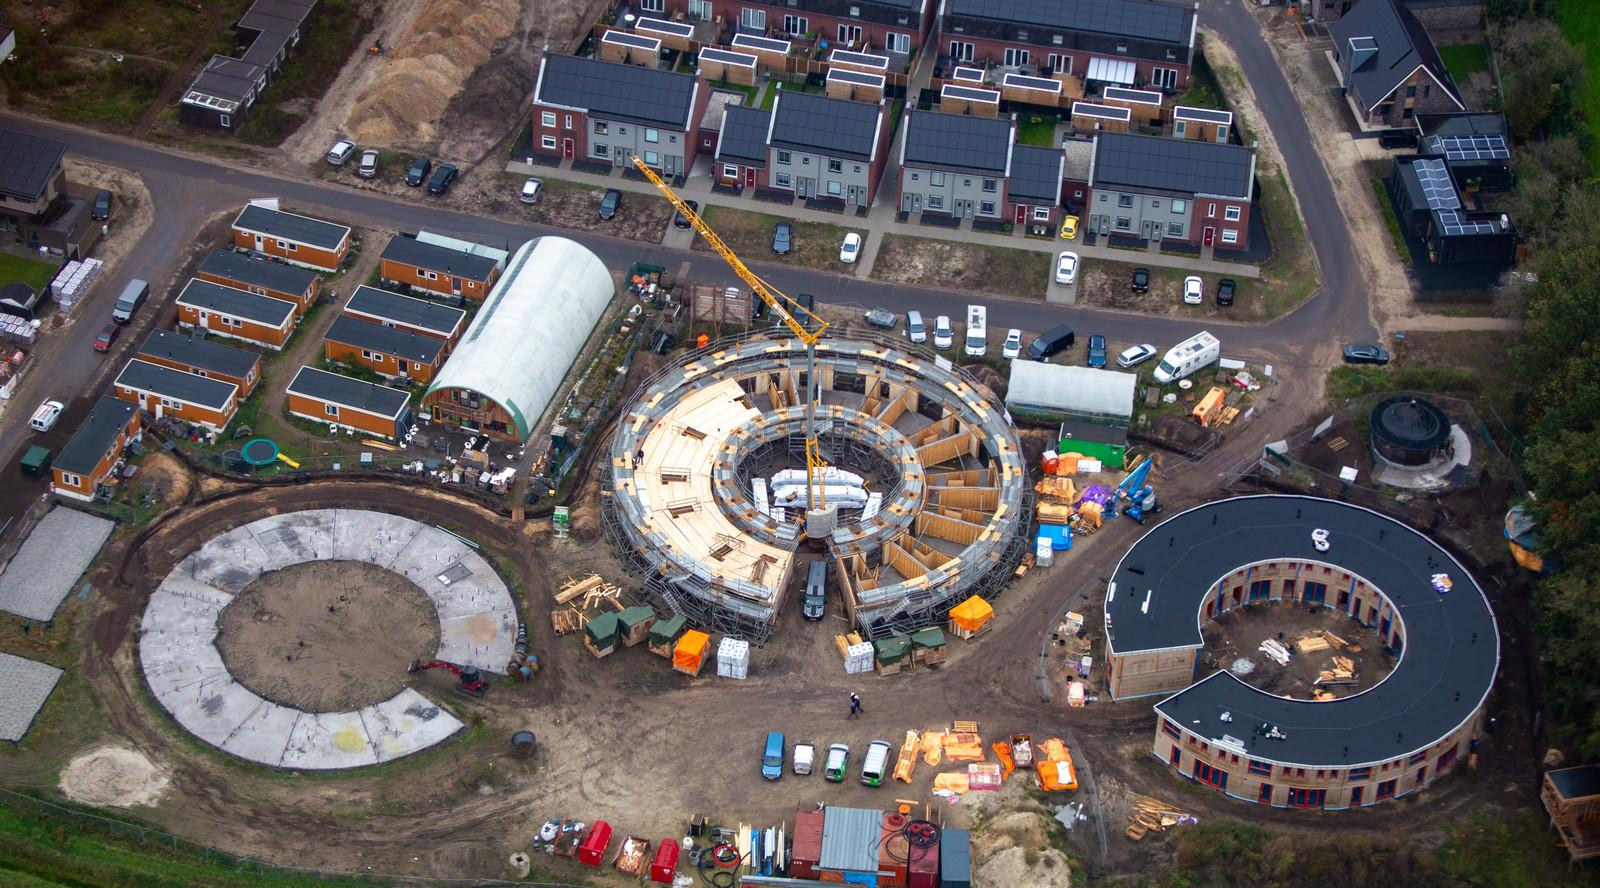 Het ecodorp vanuit de lucht. Het kenniscentrum komt linksboven, waar nu de bruine noodwoninkjes staan.